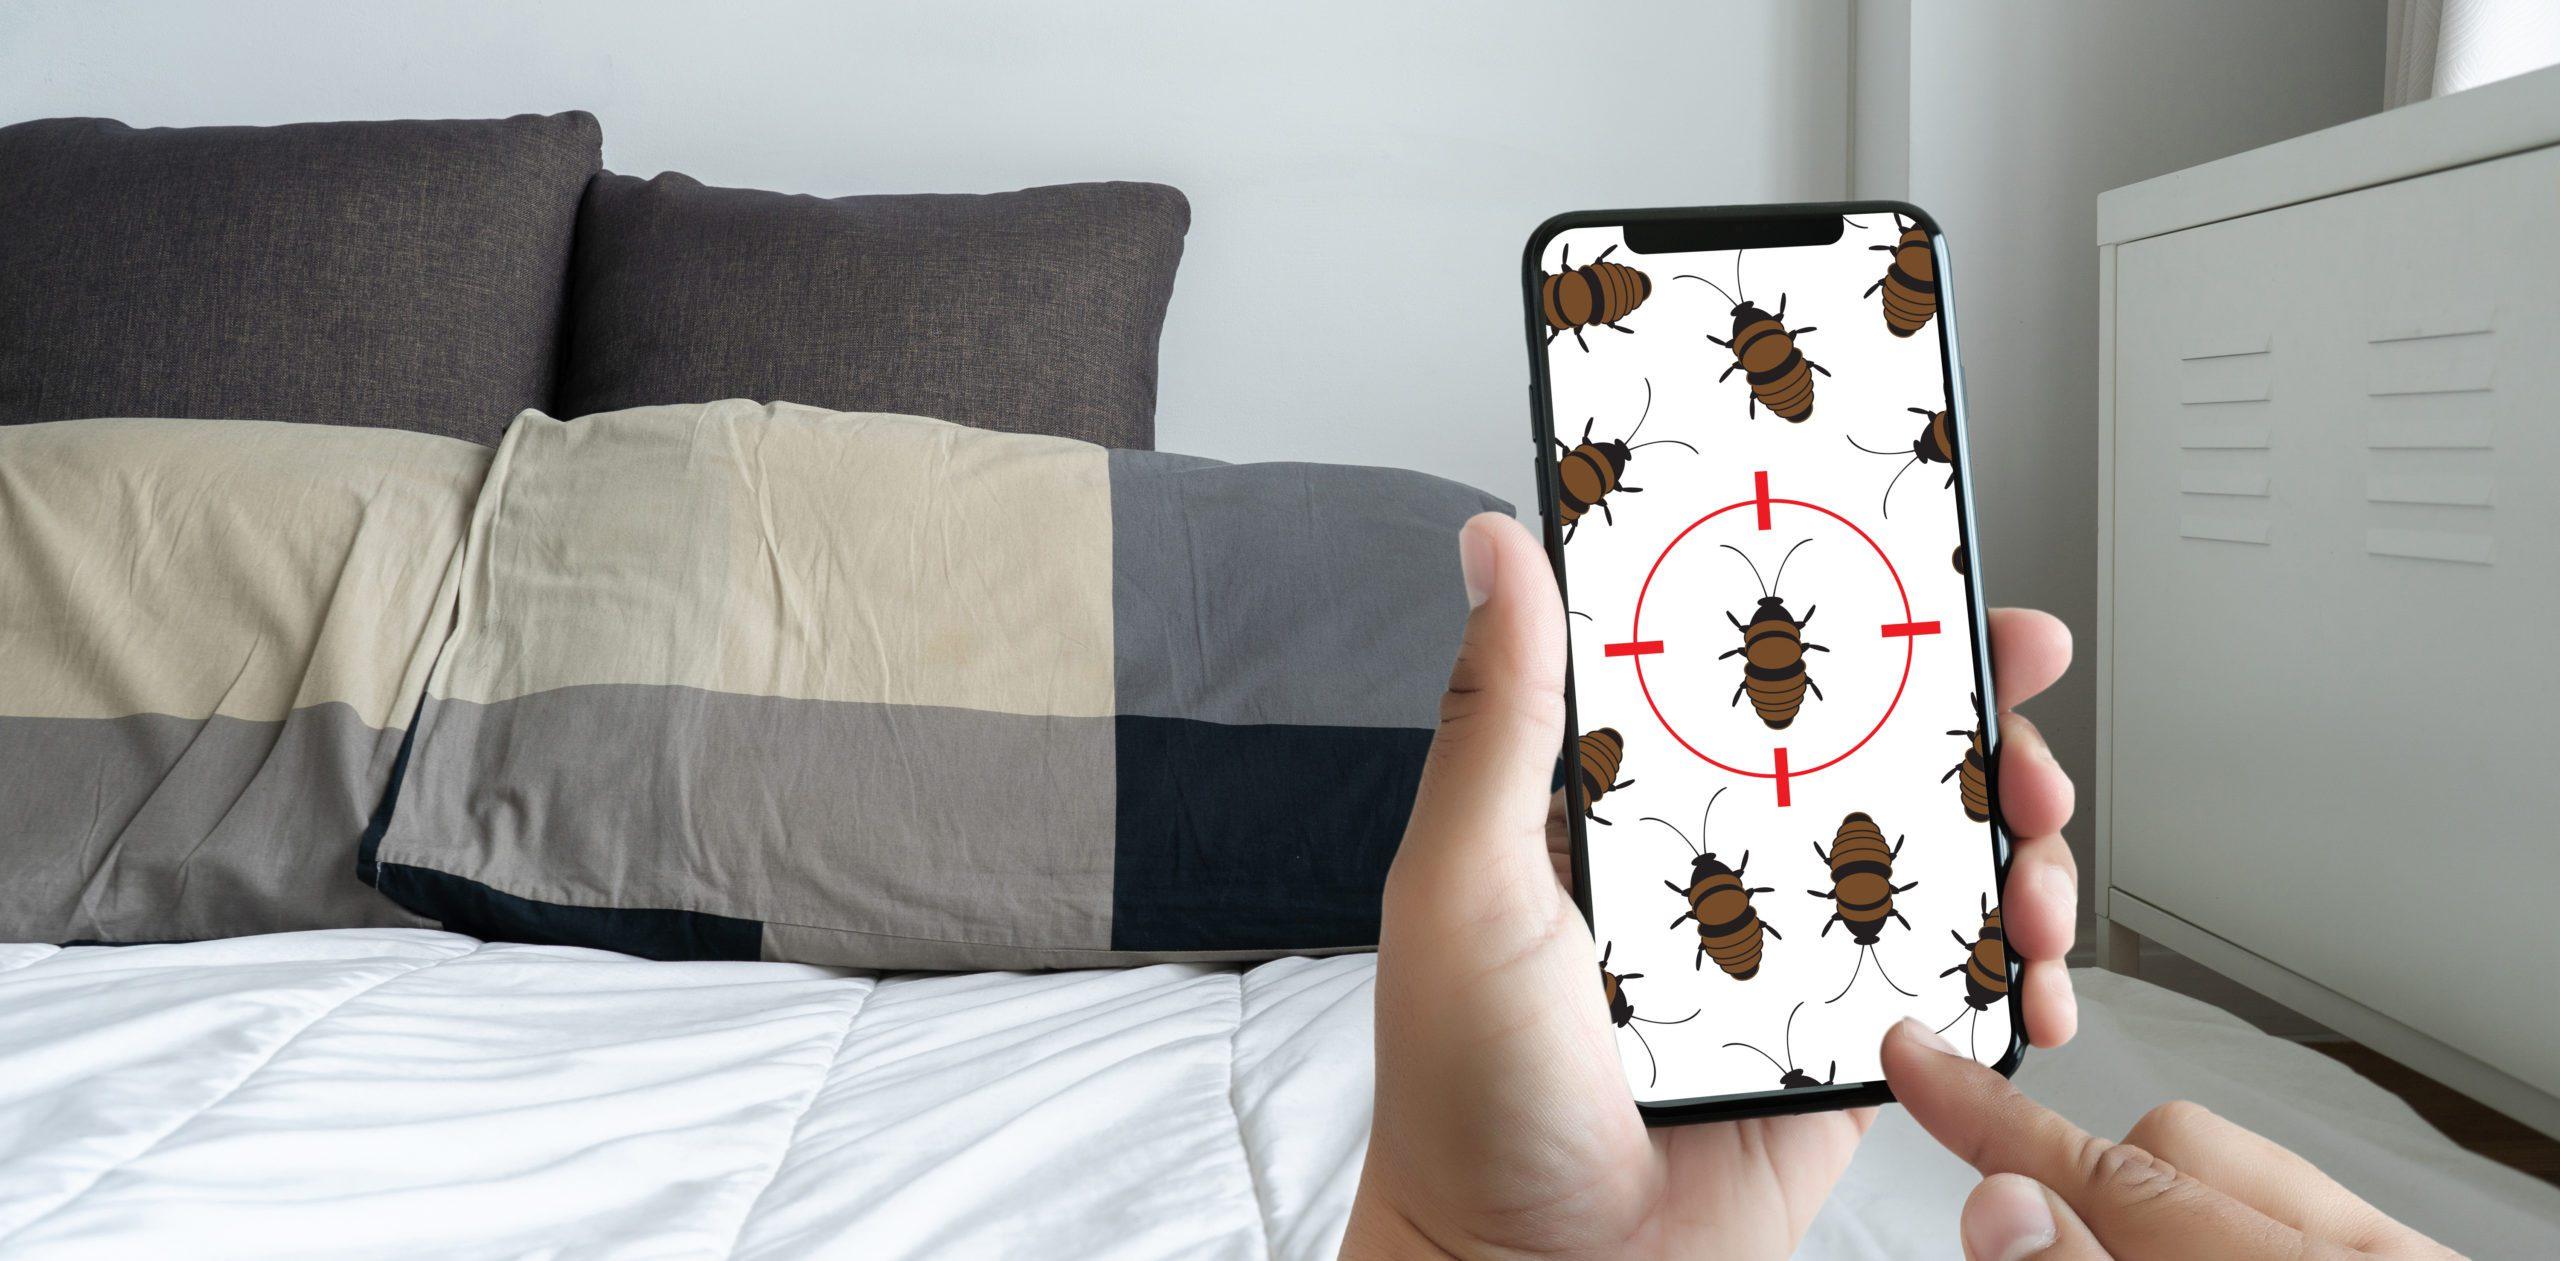 Bed Bug Infestation at Home? Safe, Effective Ways to Solve the Problem